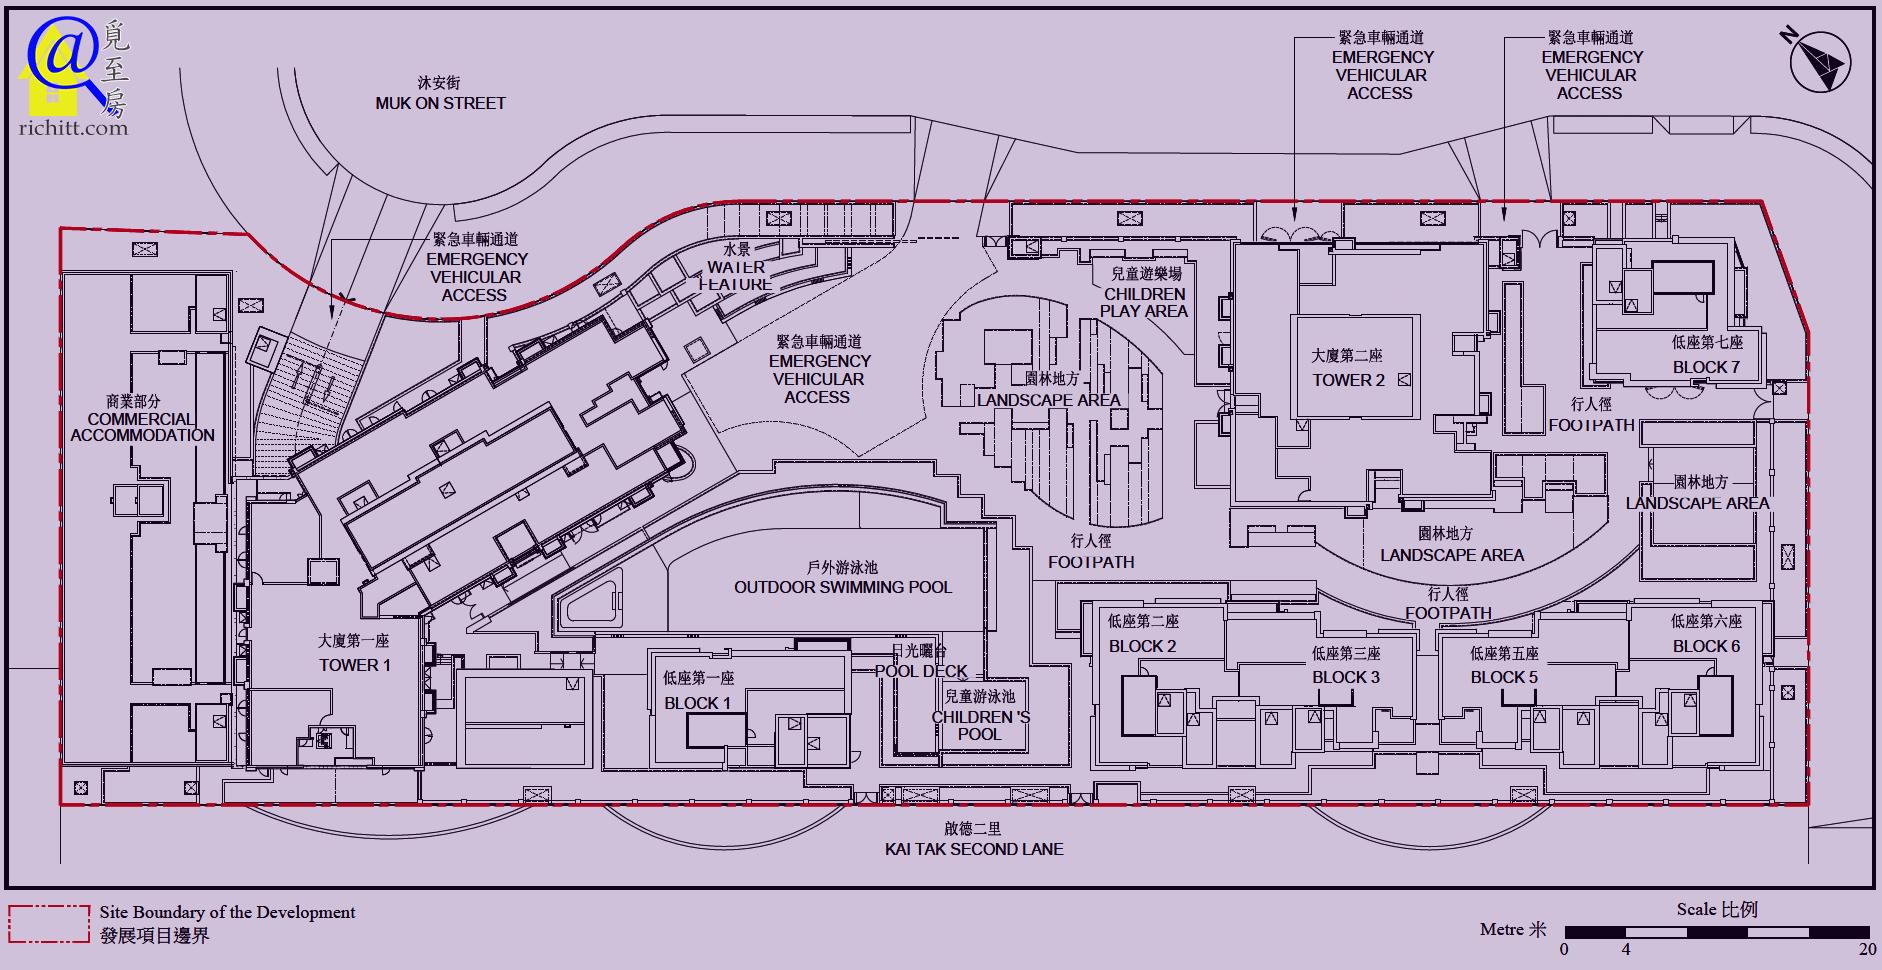 啟德1號布局圖